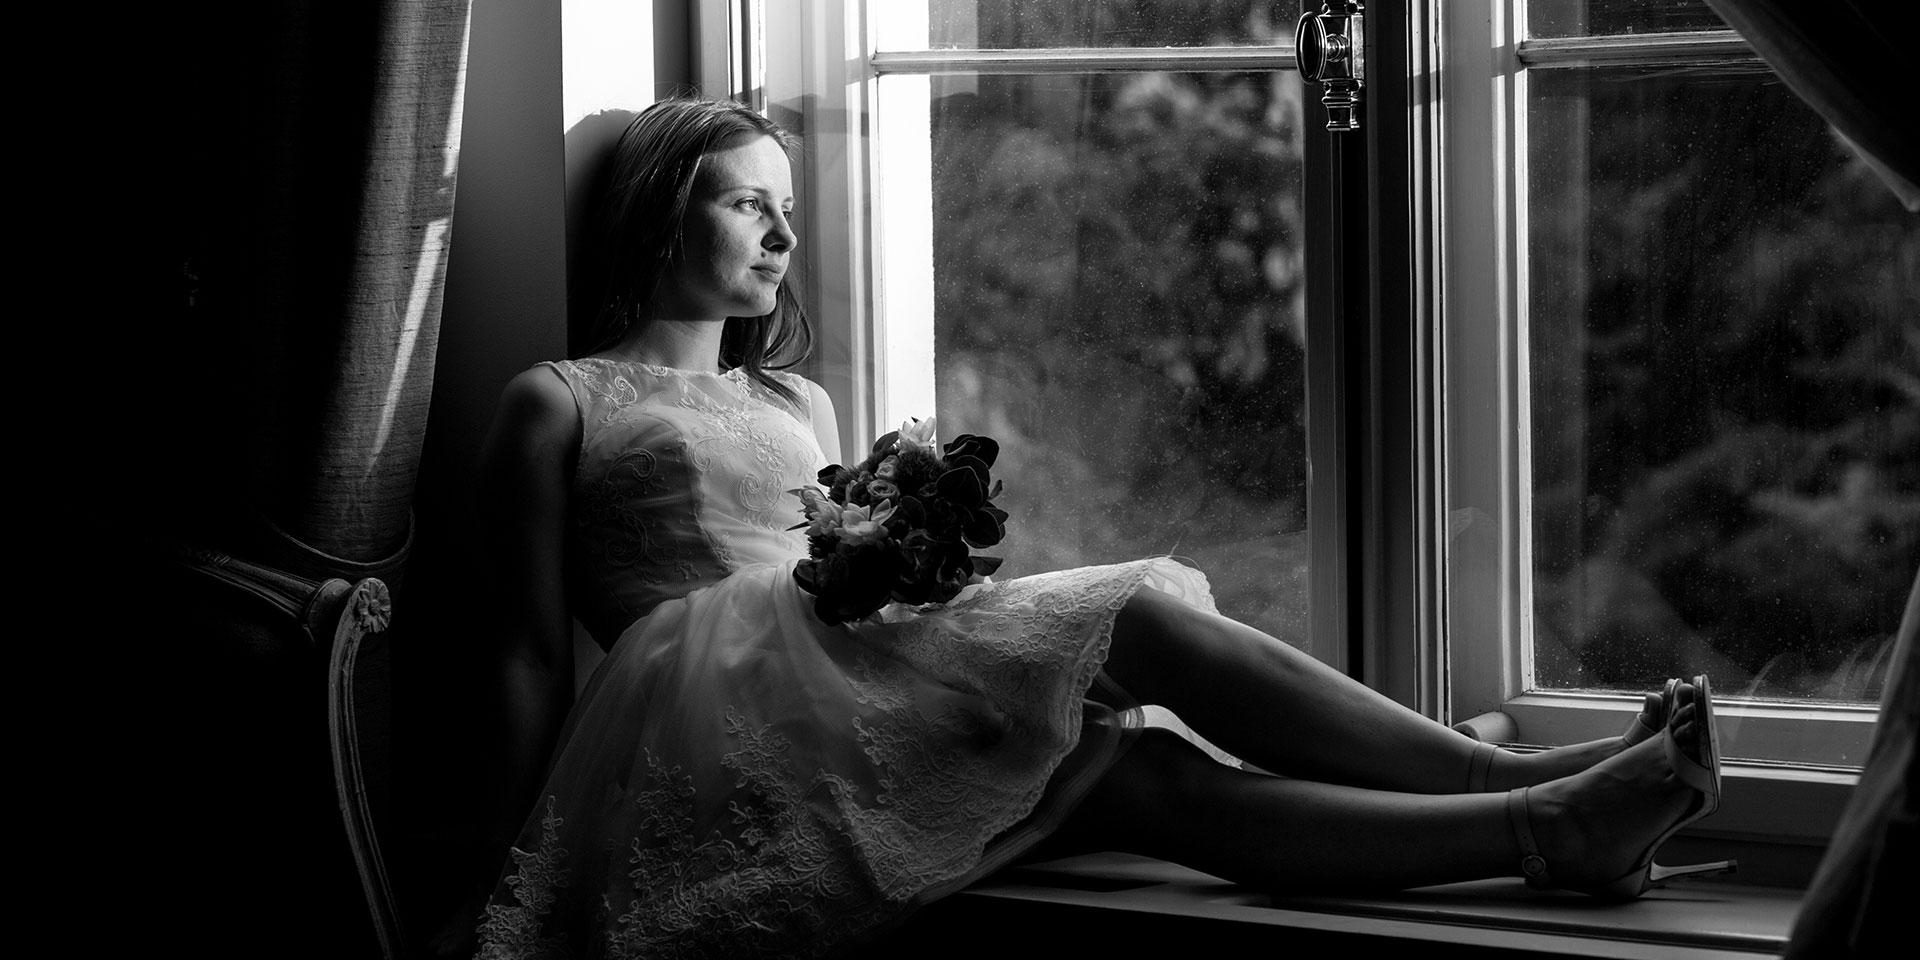 sesiune-foto-nunta-alb-negru-mireasa-la-fereastra